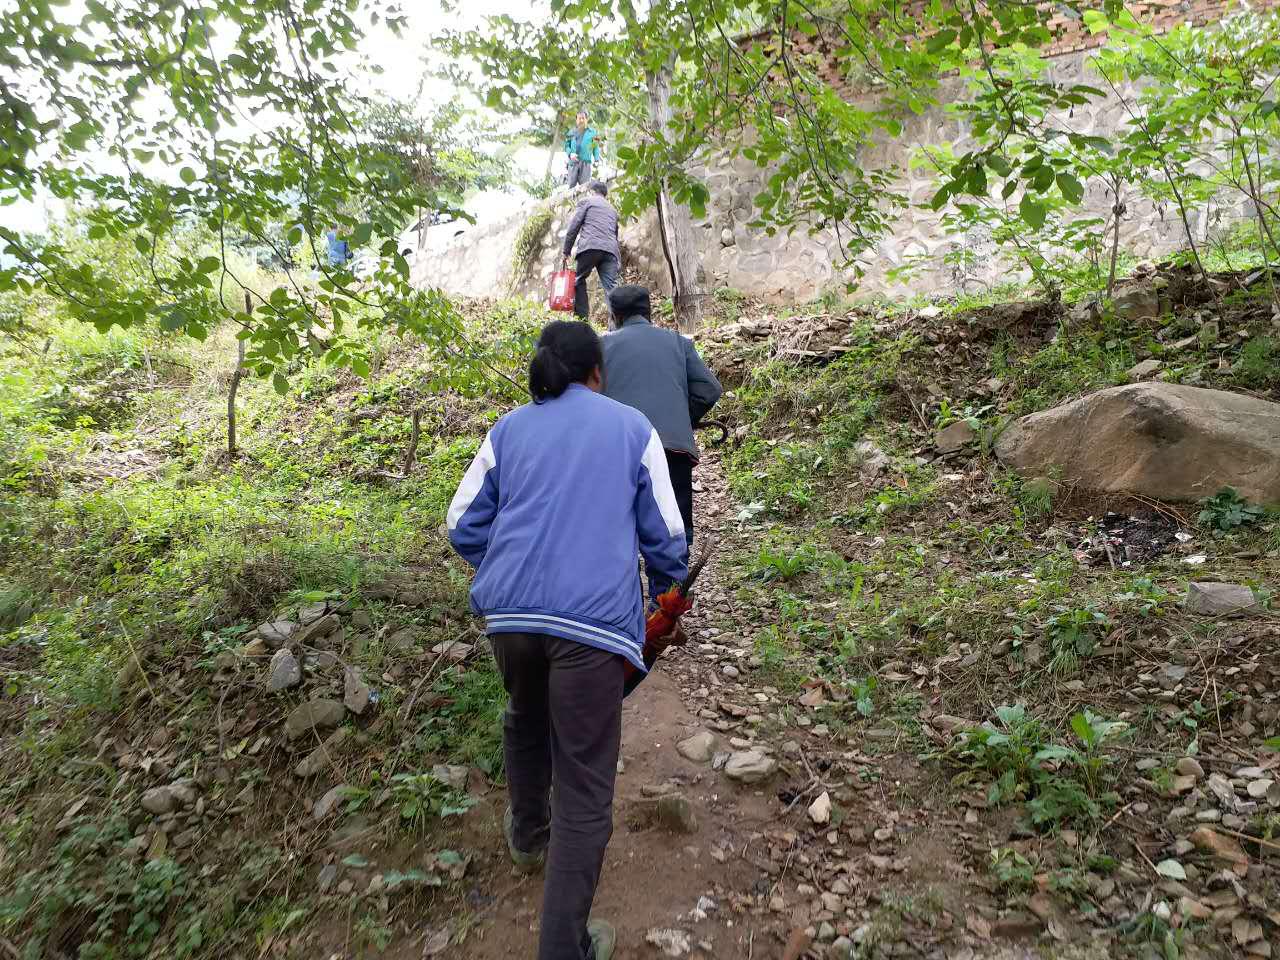 西安职业技术学院驻周至同力村扶贫工作纪实